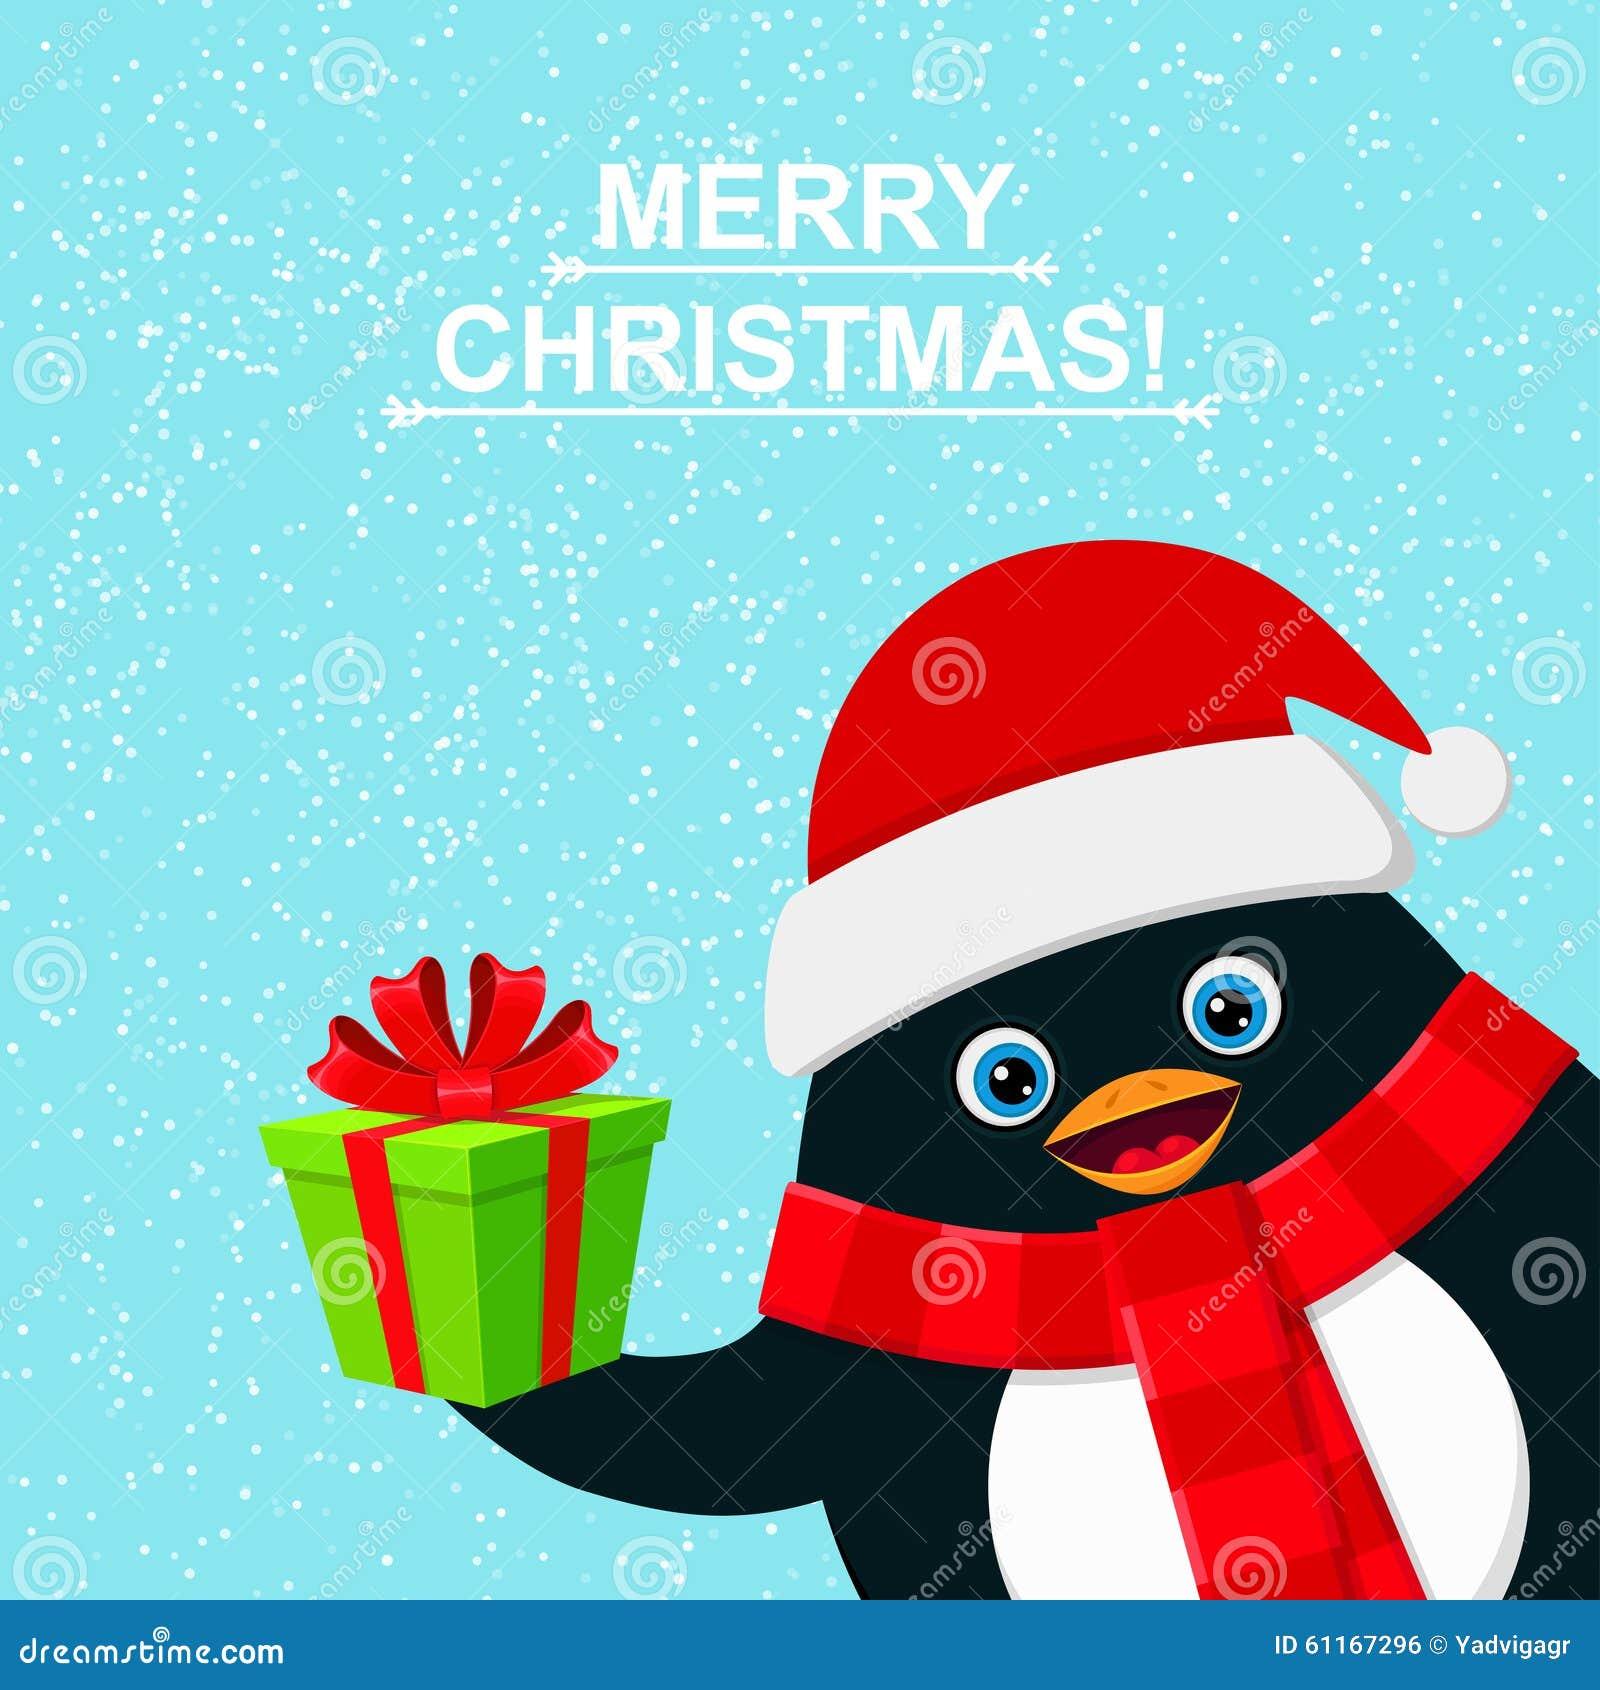 gratulationer till jul Gullig Pingvin Med Gåvaasken Och Glad Jul För Gratulation Vektor  gratulationer till jul